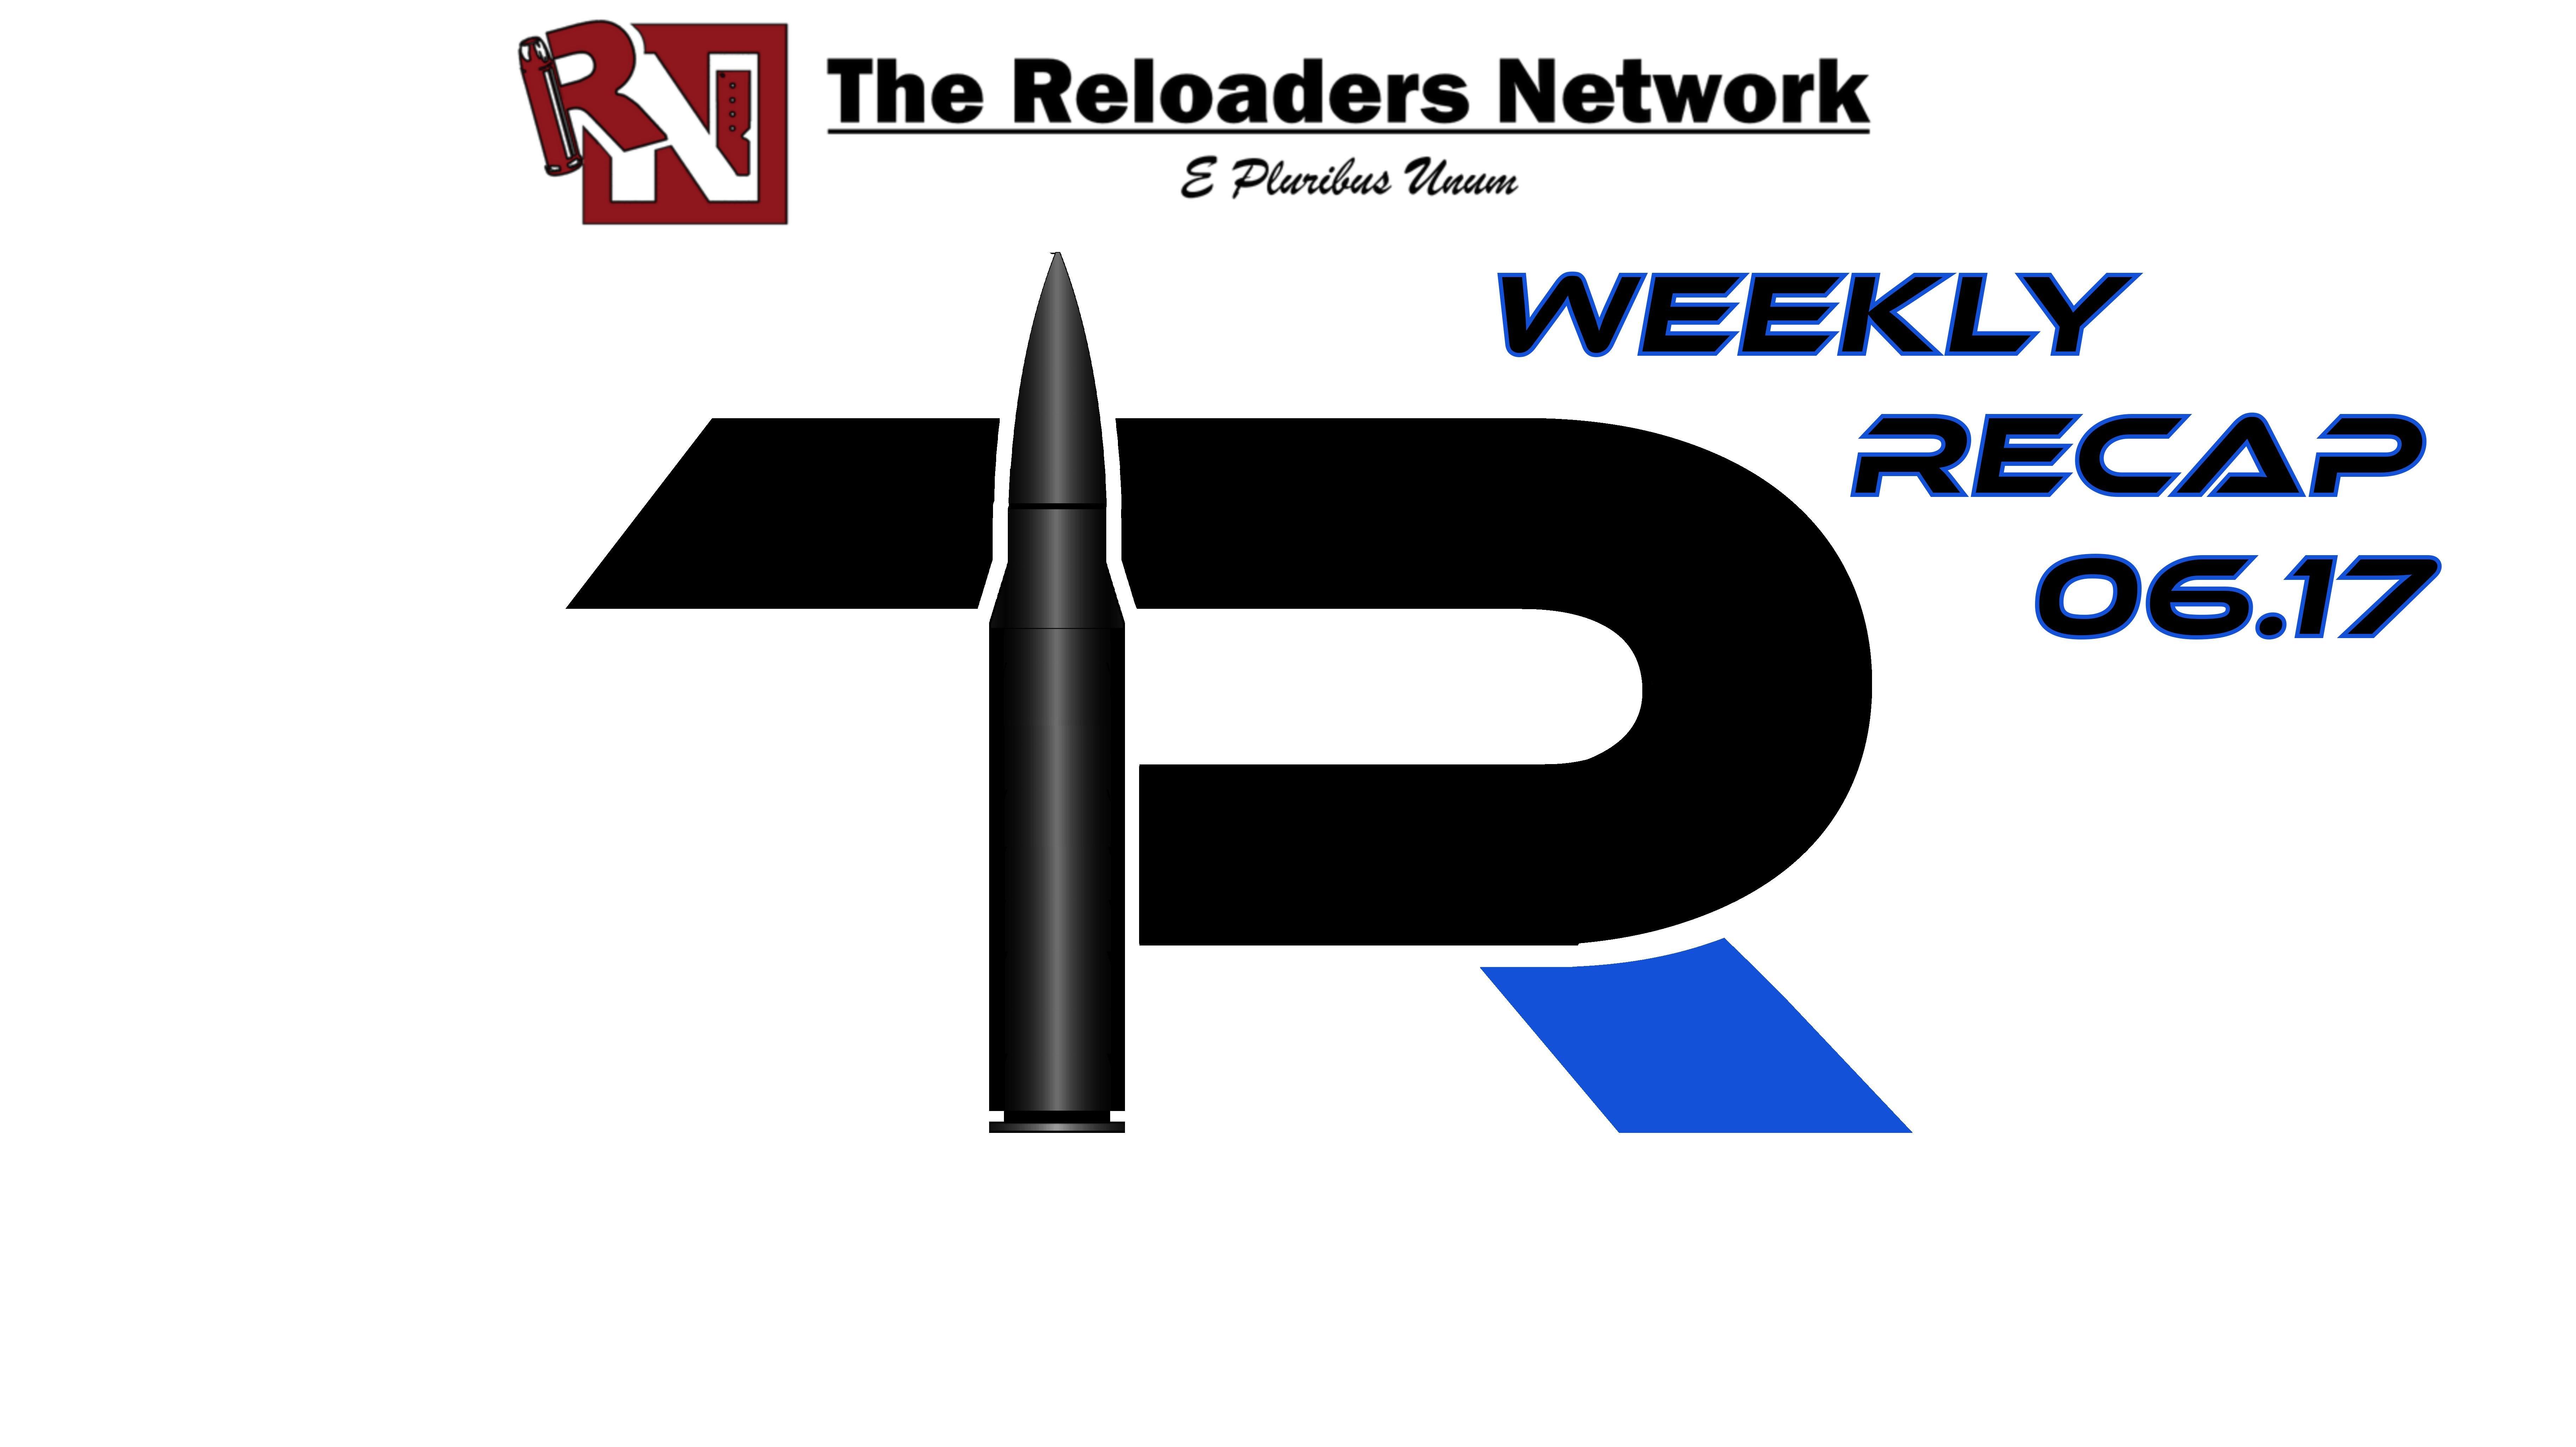 TRN Weekly Recap Cover12